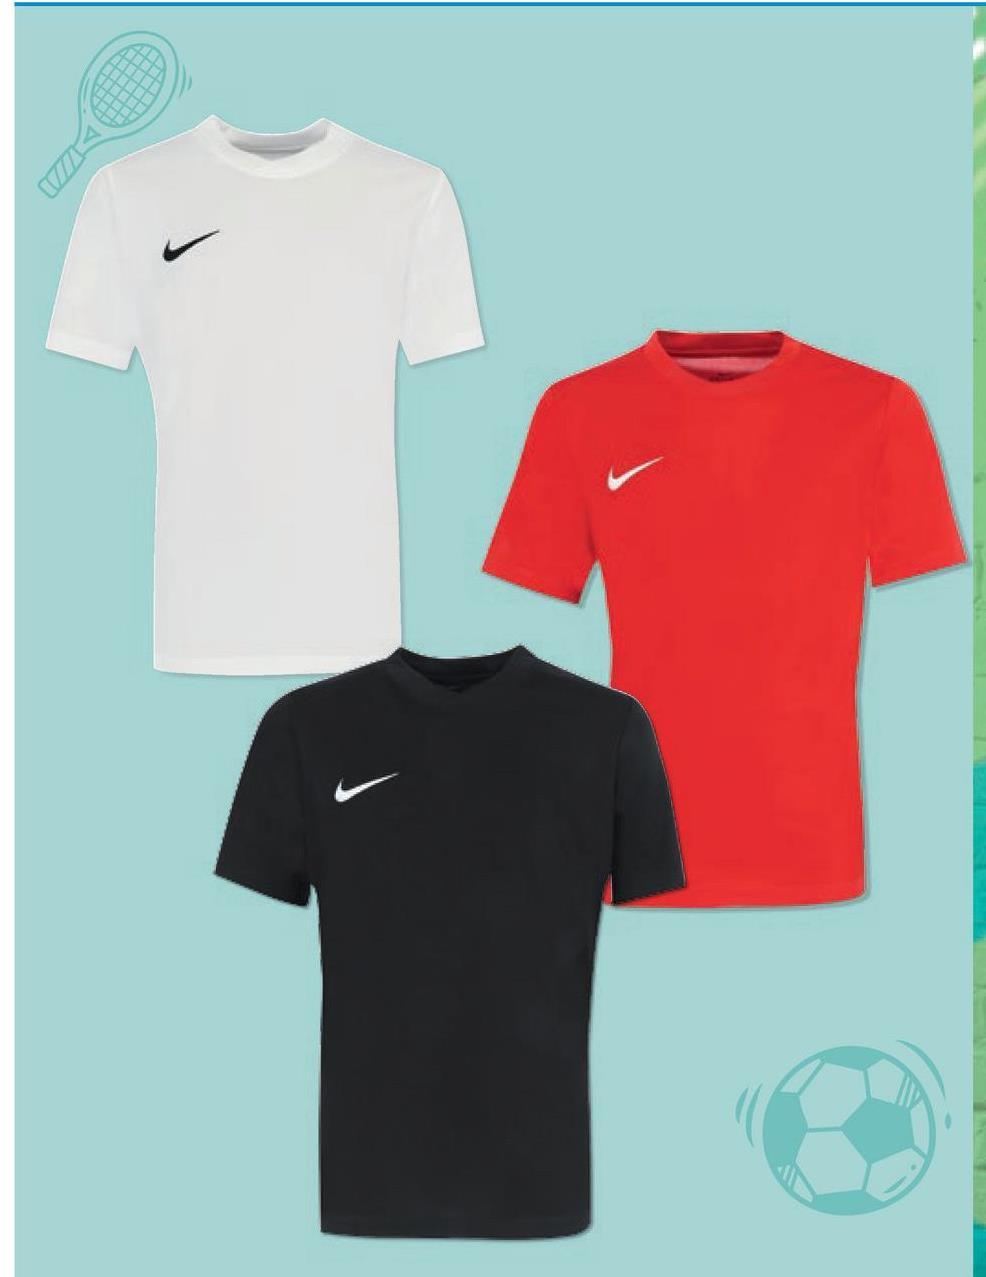 T-shirt Nike pour enfants polyester, choix entre différentes couleurs, tailles 128/140 à 158/170